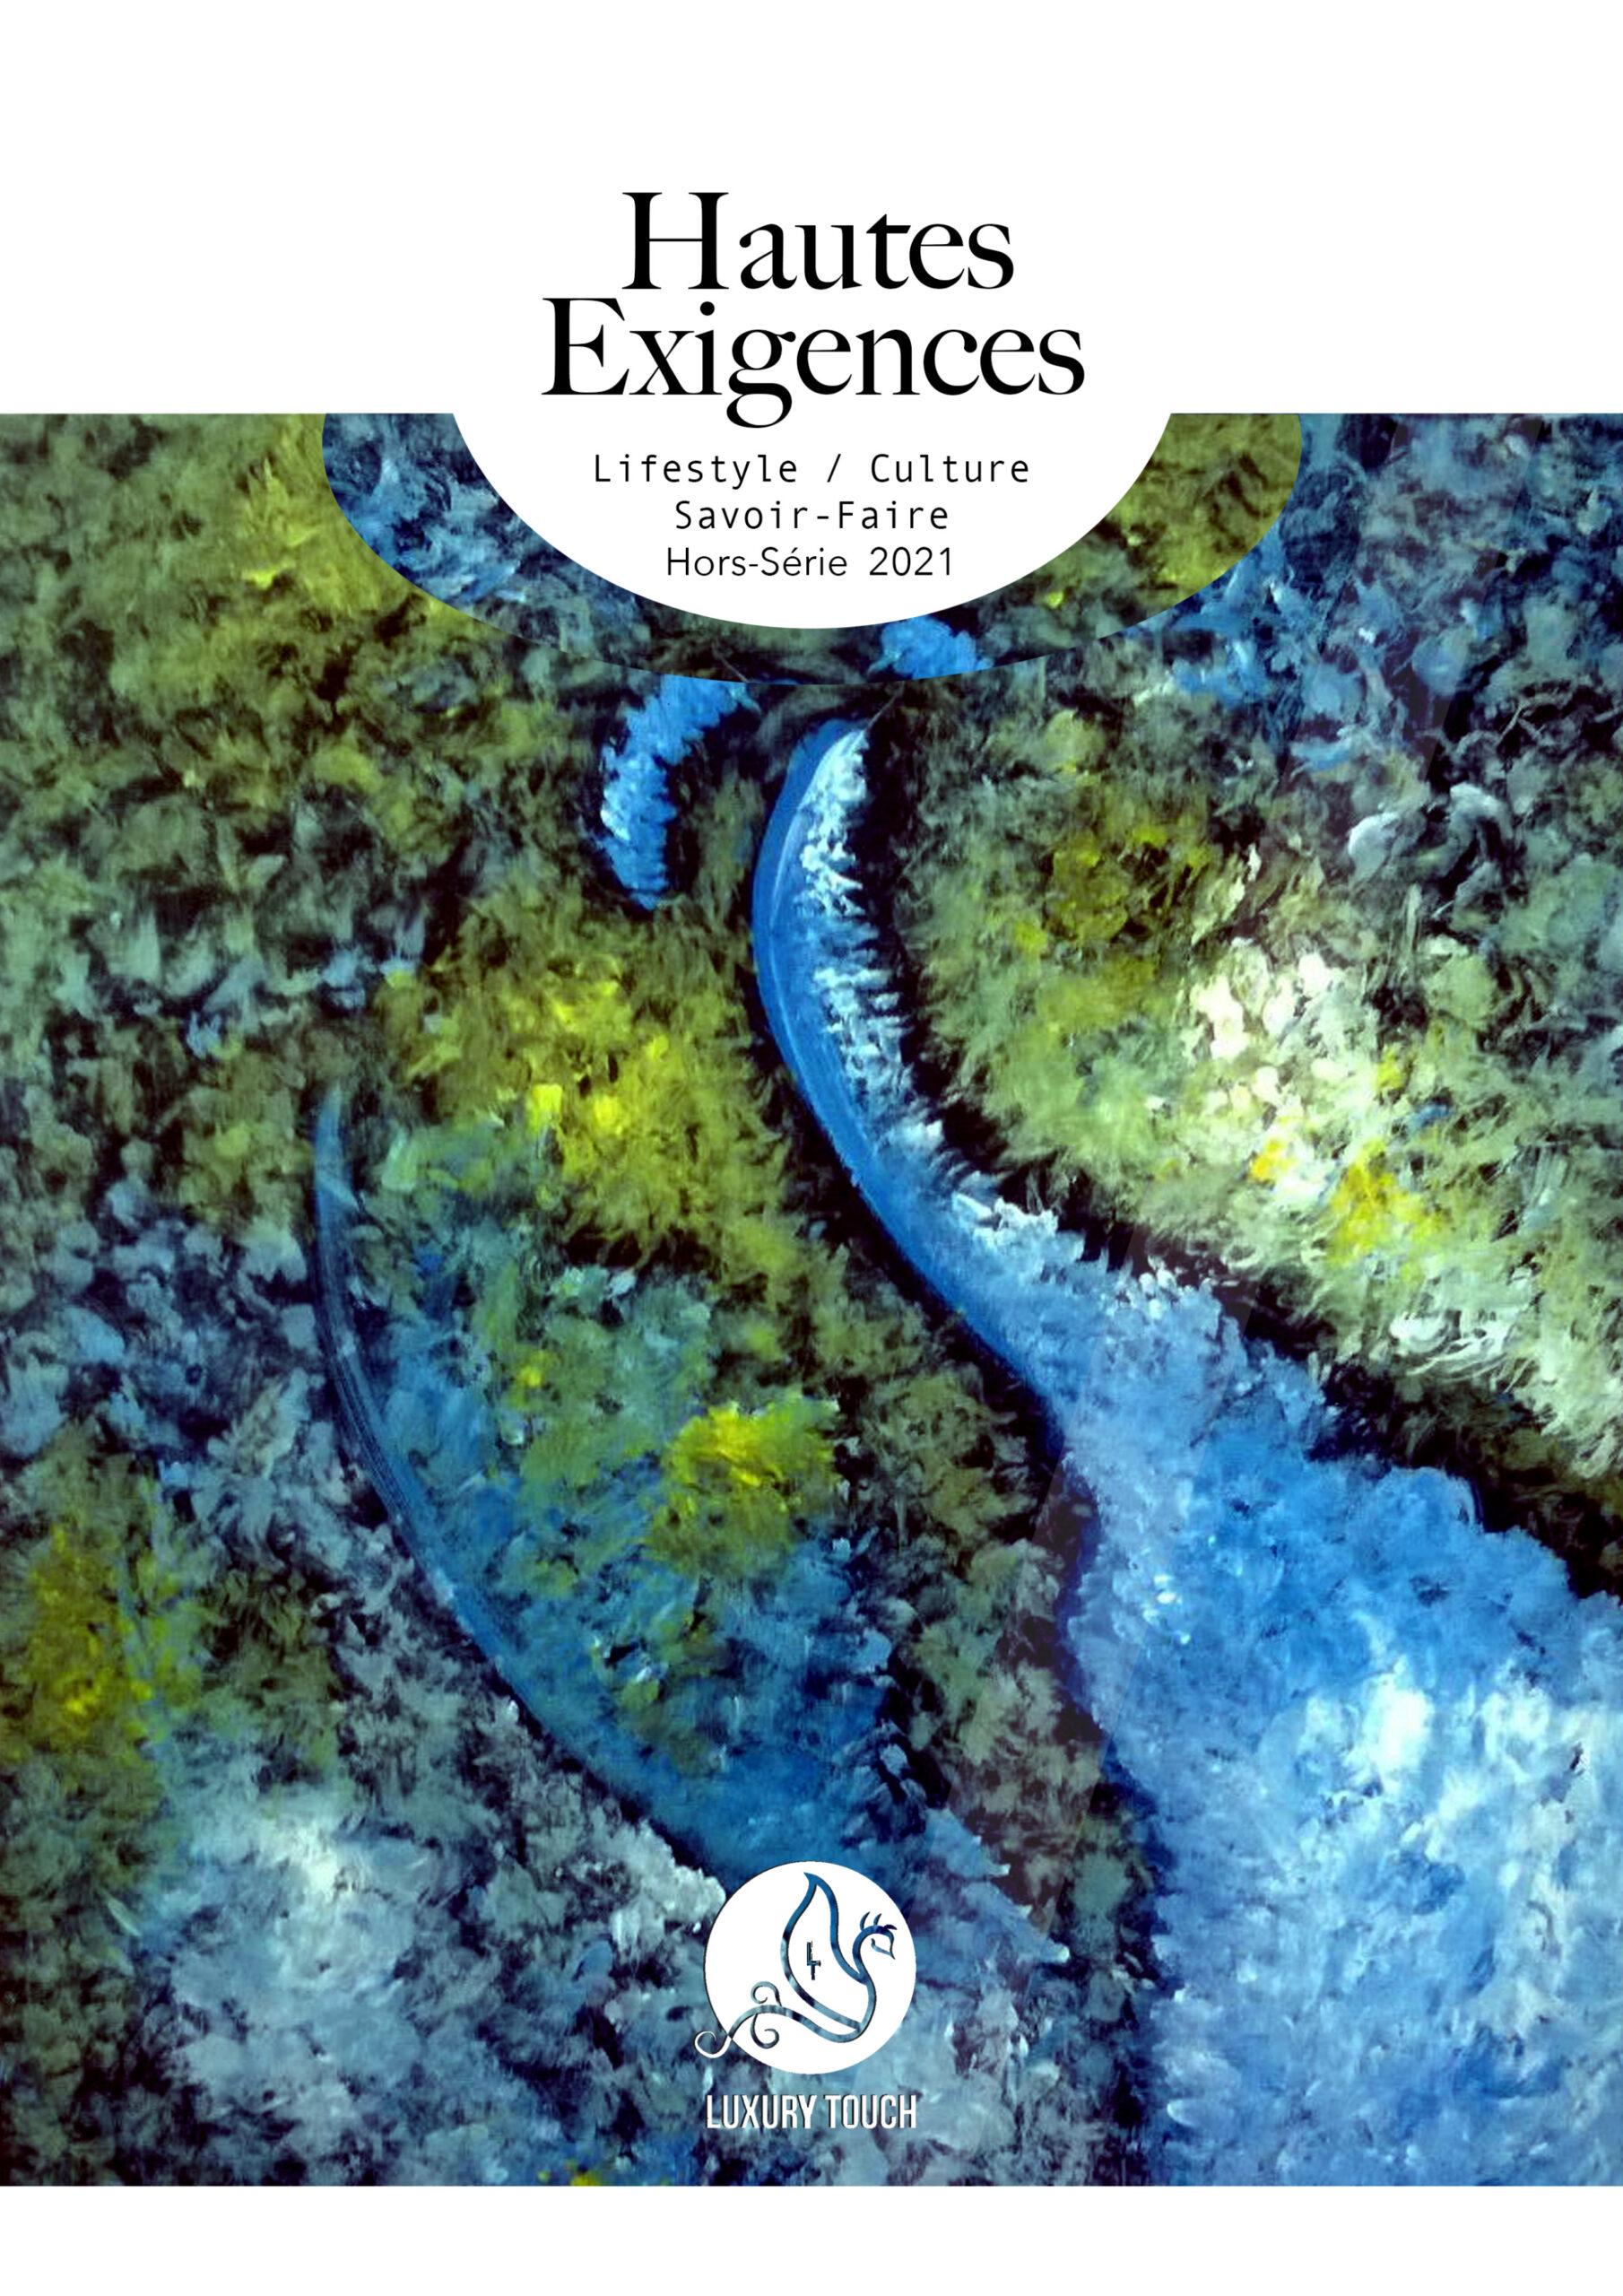 Hautes Exigences Magazine Hors Serie 2021 couverture